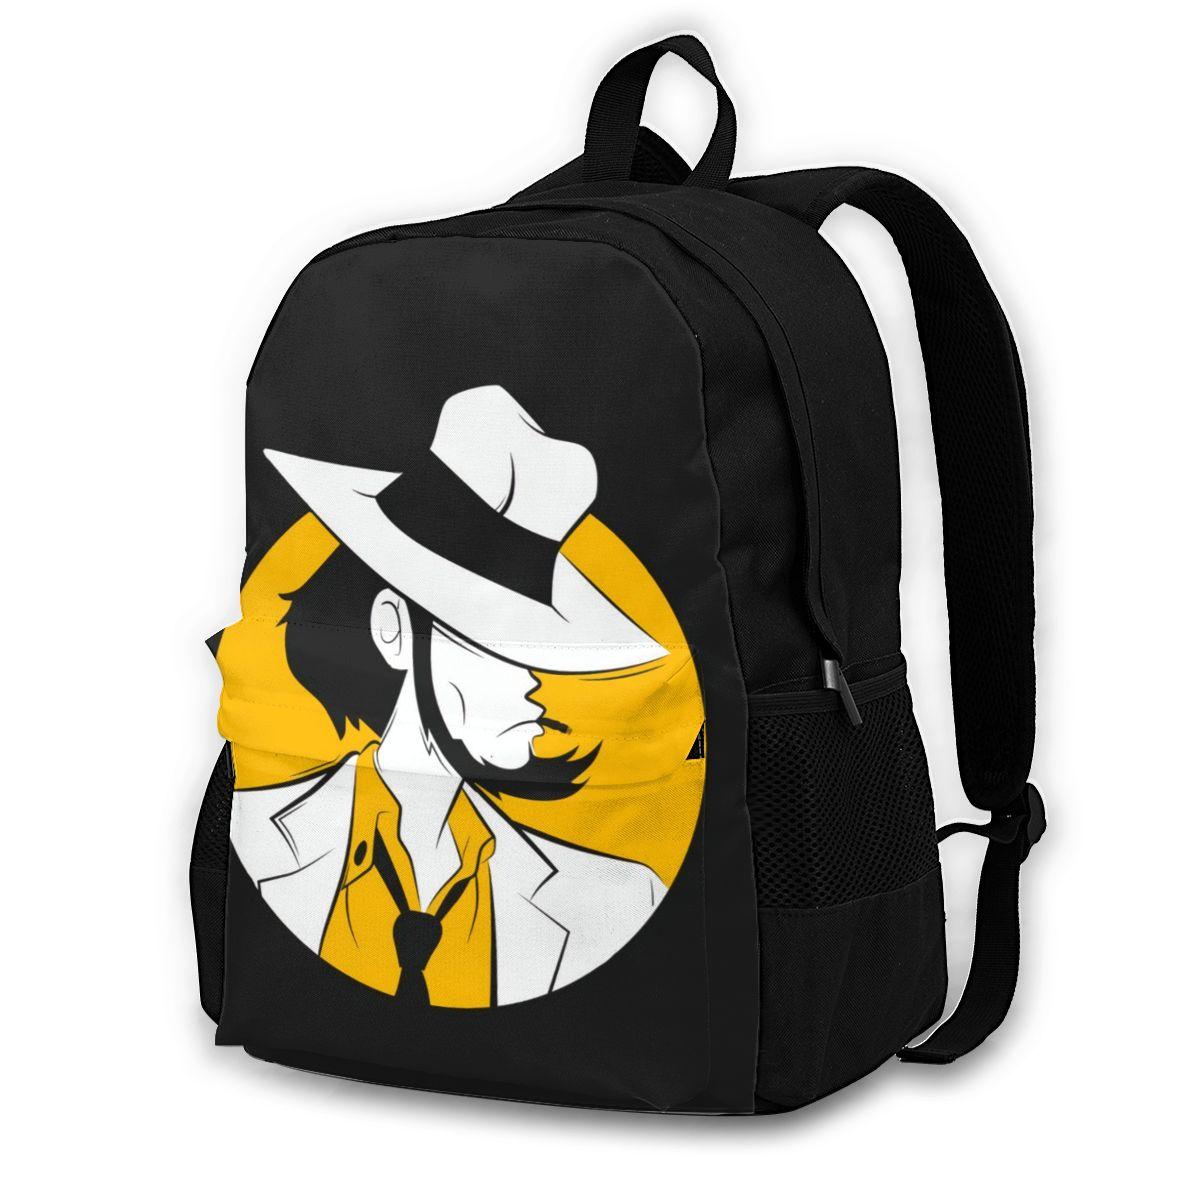 Lupin рюкзаки Молодежные большие элегантные рюкзаки из полиэстера для кемпинга